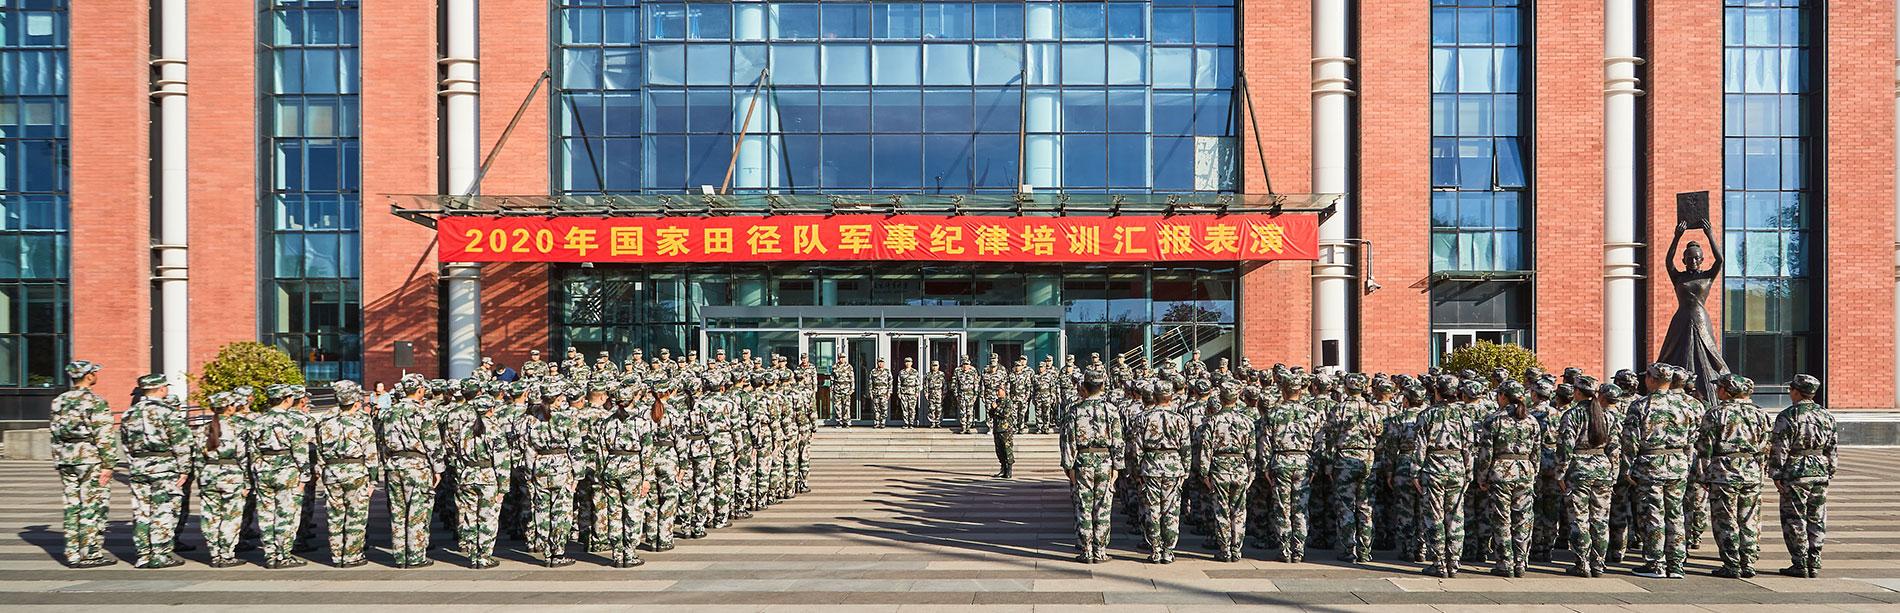 中国国家田径队军事纪律培训汇报表演及总结表彰大会在京举行